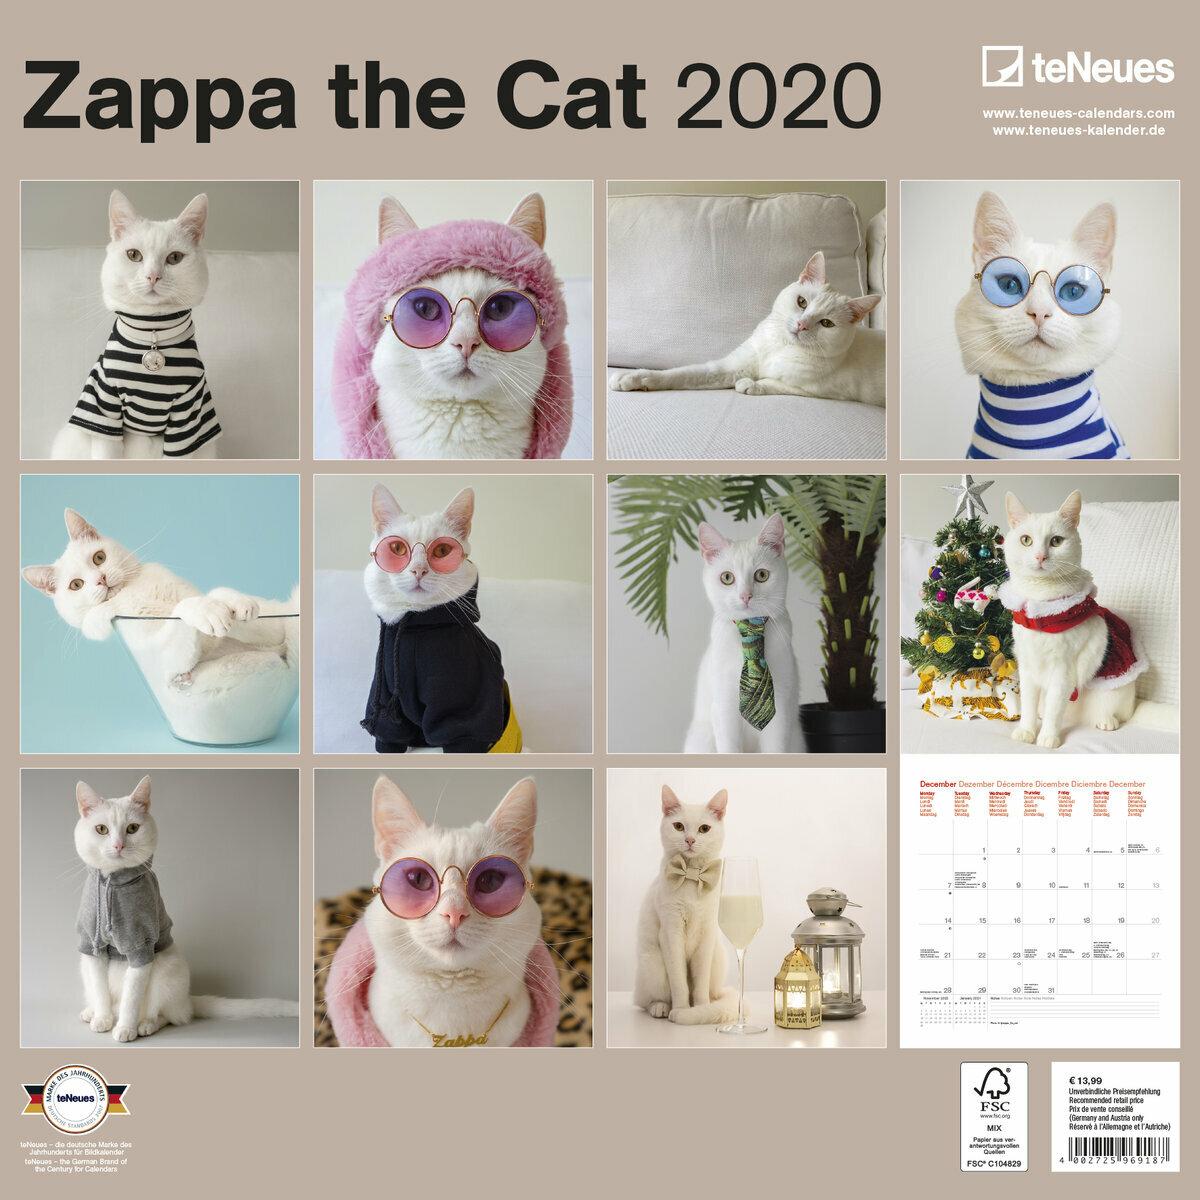 Modele De Calendrier 2020.Calendrier 2020 Chat Zappa Top Model